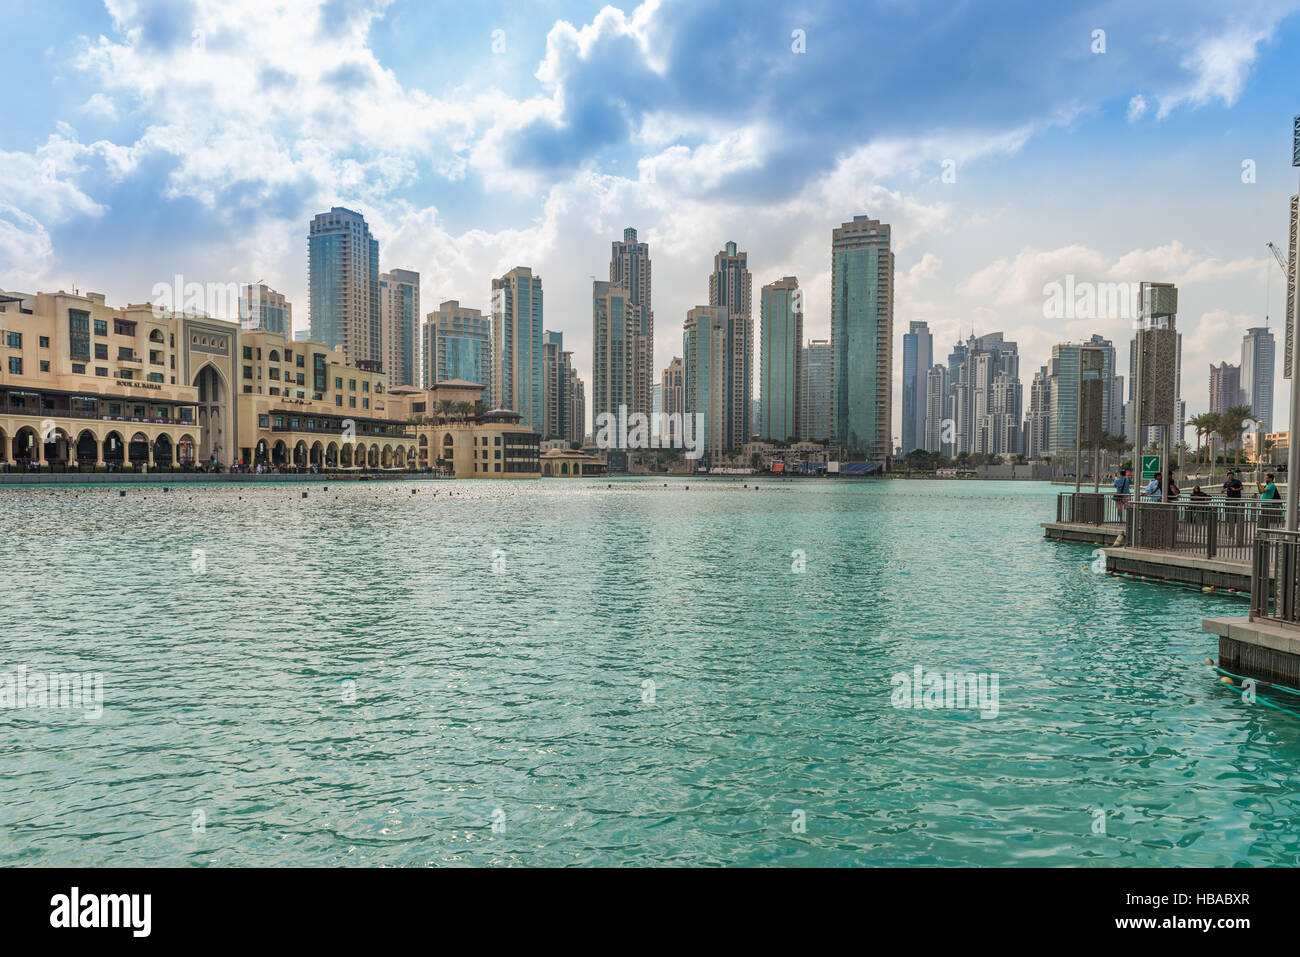 Centro comercial zoco Al Bahar, Dubai Imagen De Stock